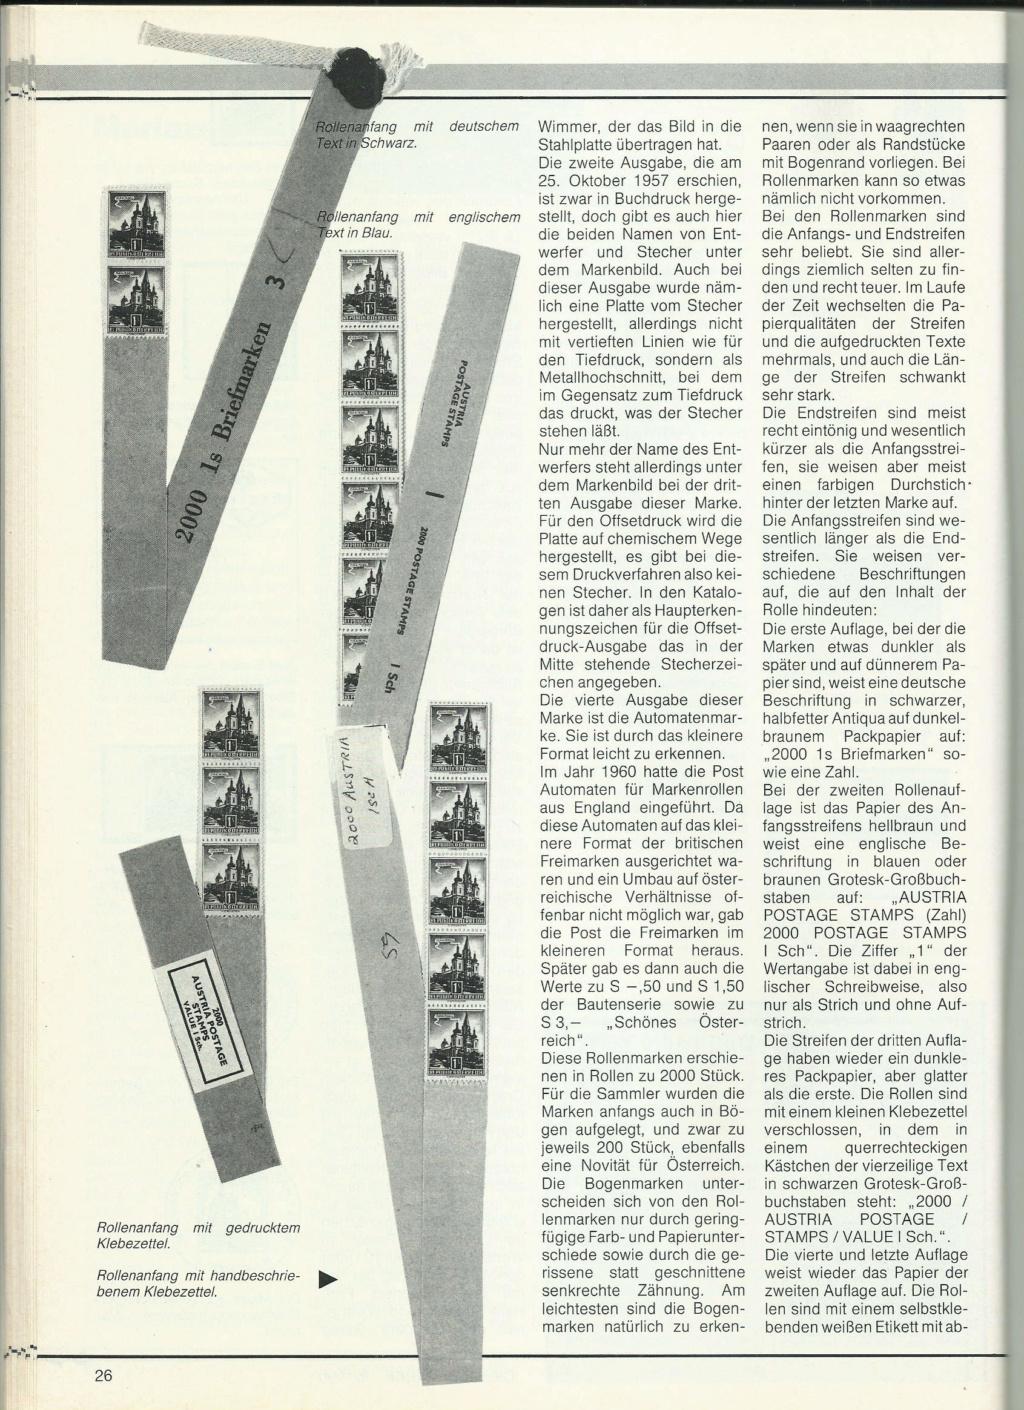 """Bauwerke und Baudenkmäler """"Bautenserie"""" - Seite 7 Info_b11"""